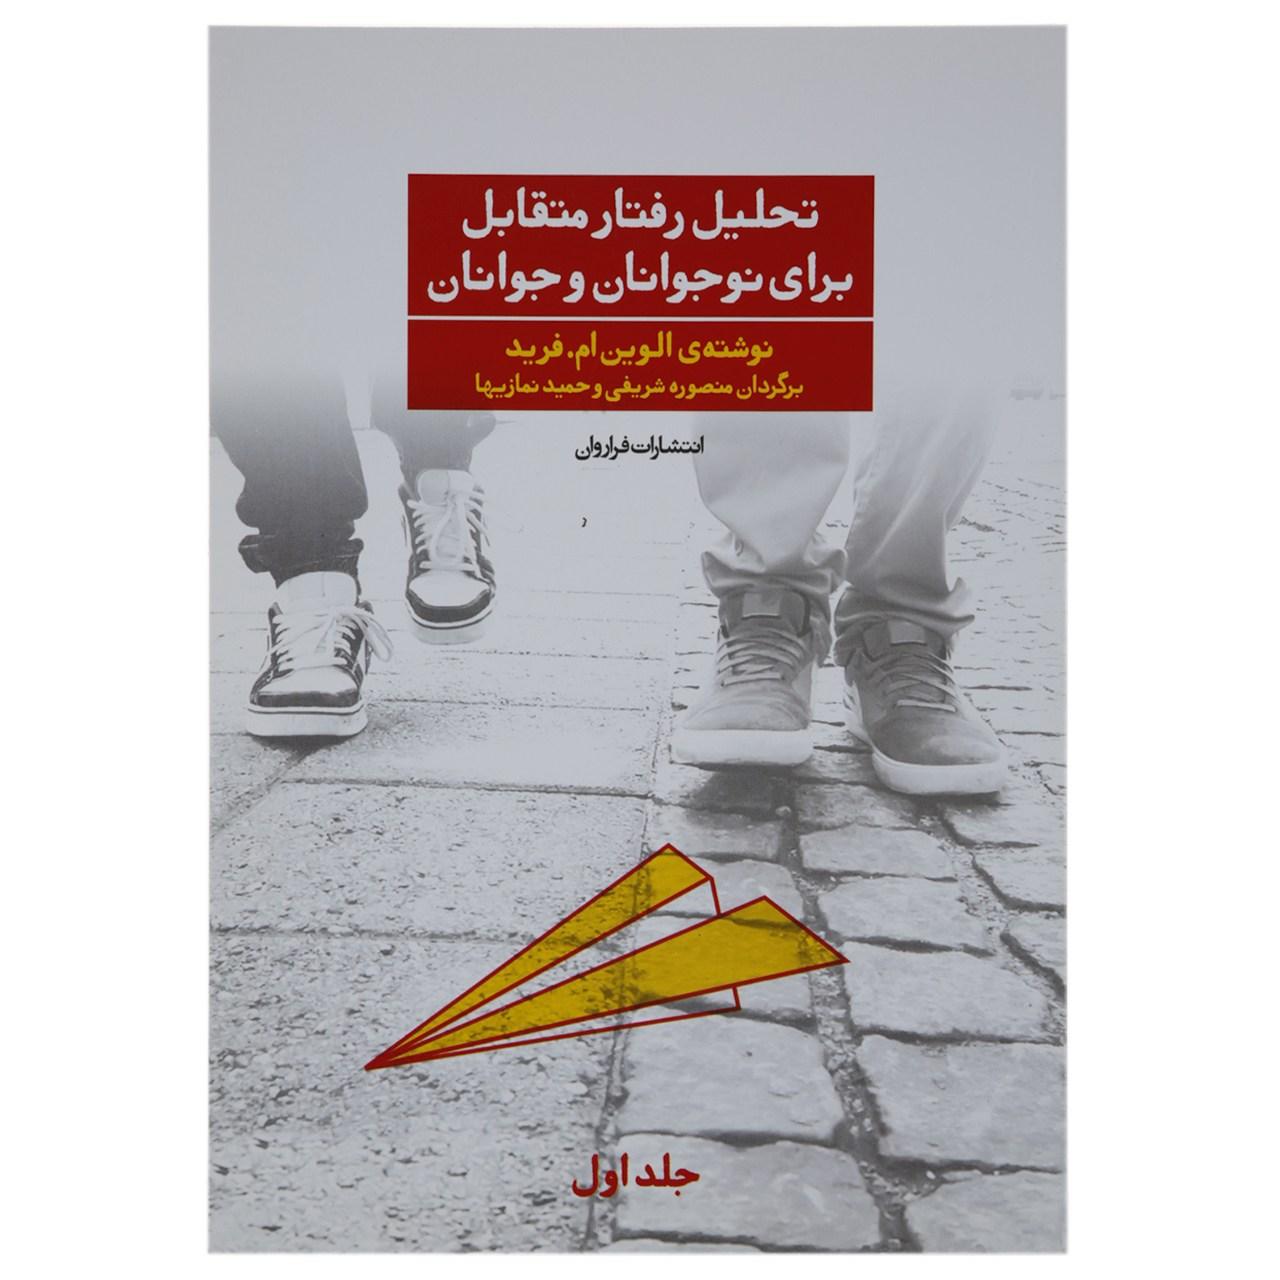 کتاب تحلیل رفتار متقابل برای نوجوانان و جوانان اثر الوین ام.فرید - جلد اول